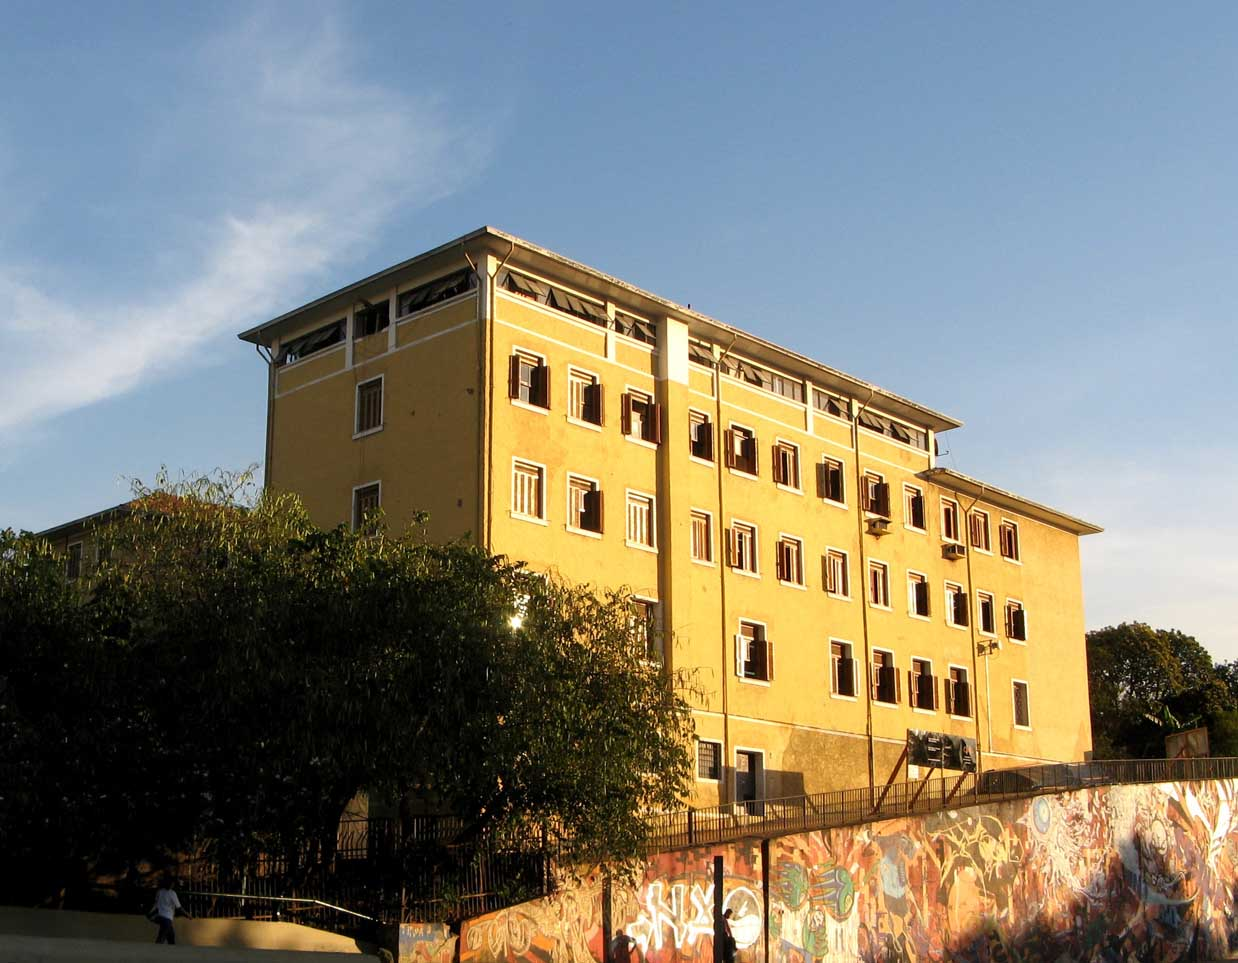 Você conhece o Instituto Goethe? Saiba mais sobre seus objetivos e divulgações